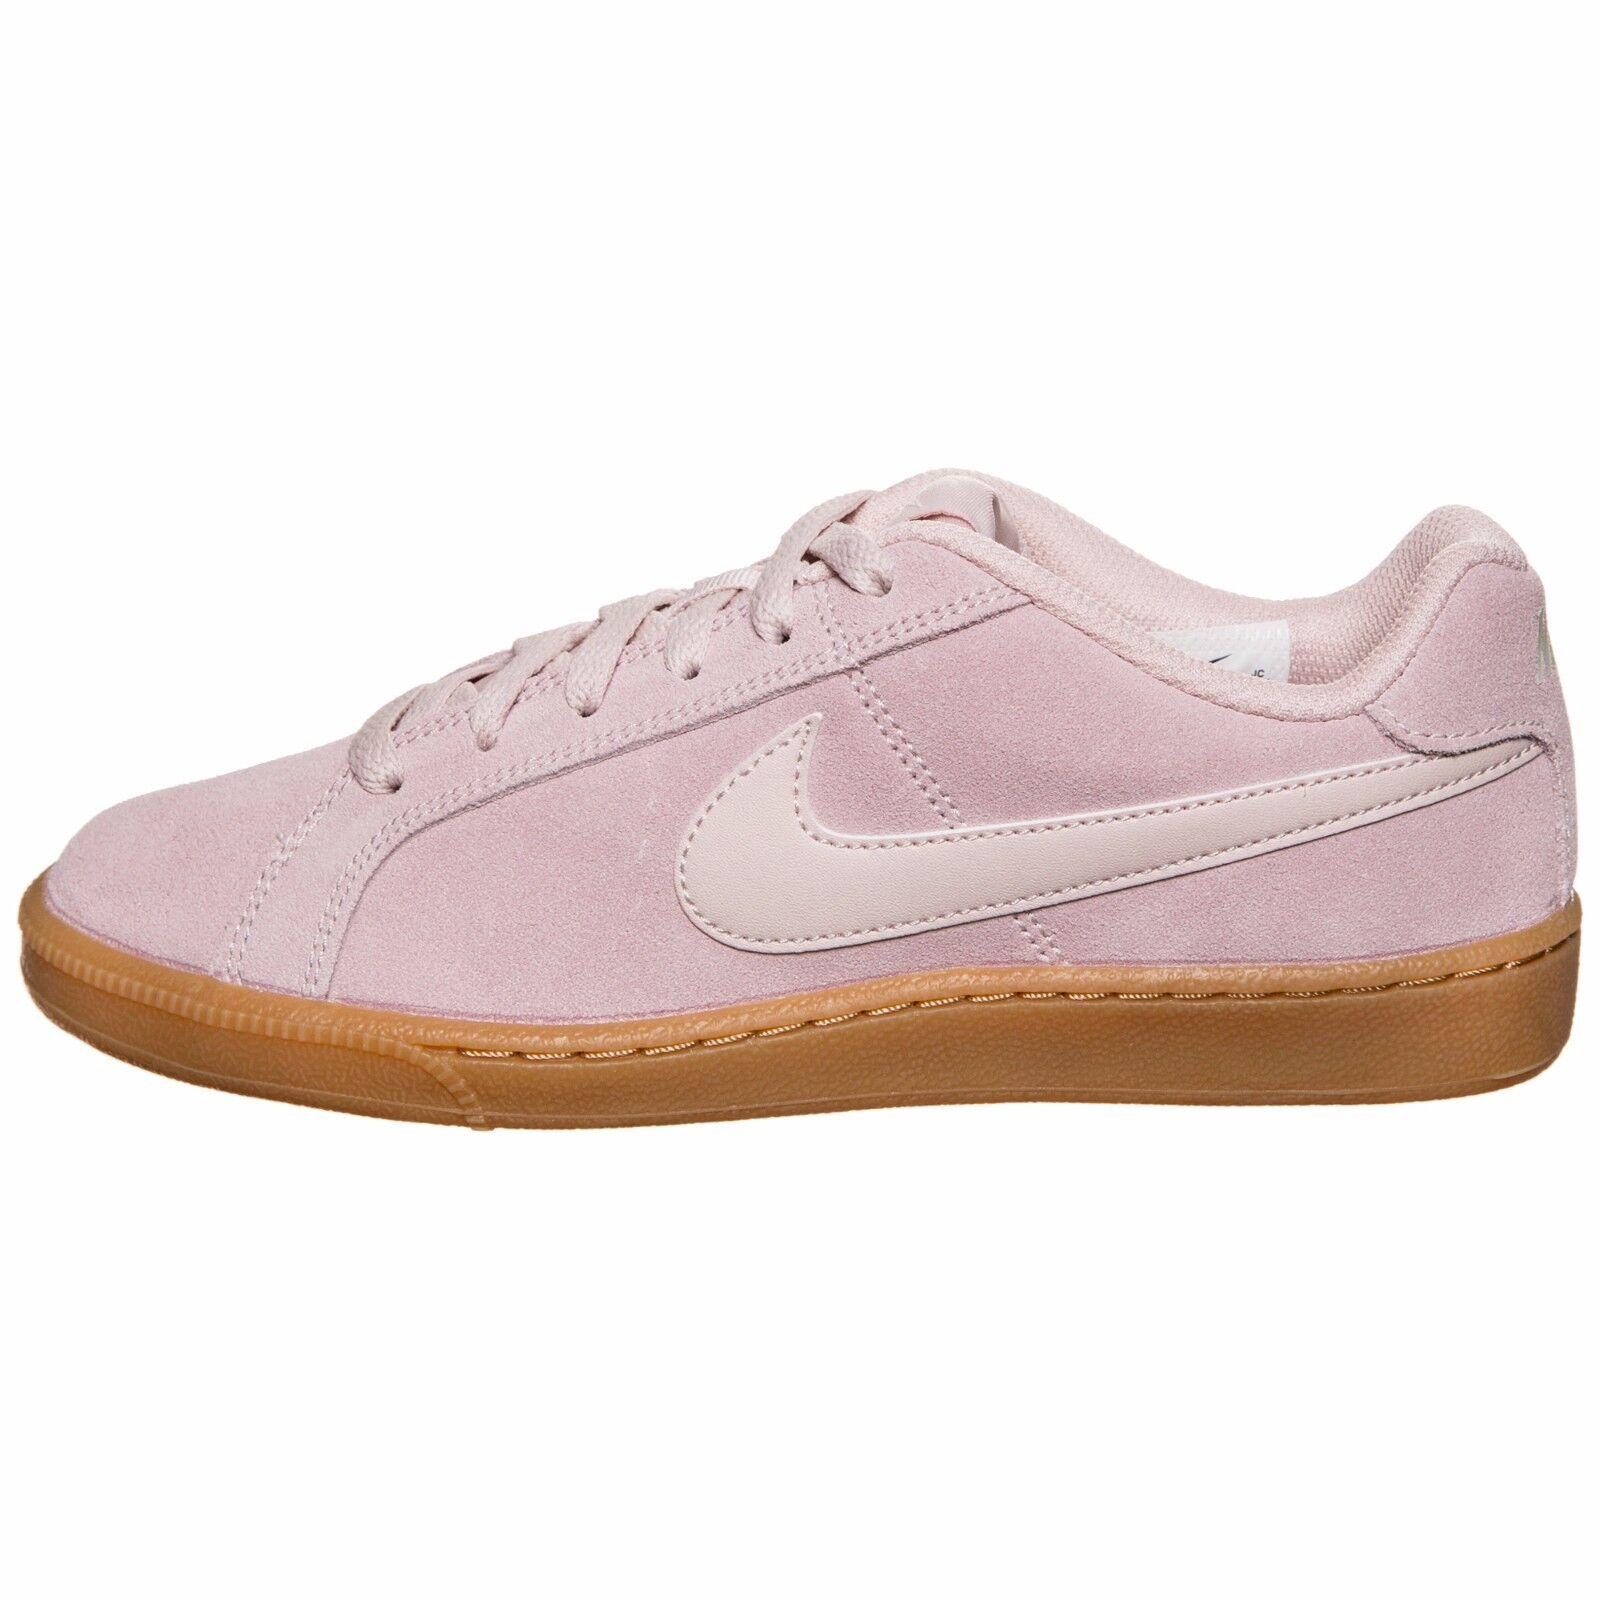 Nike - Wmns Court Royale Suede - Schuhe Damenschuhe - Silt ROT/Silt ROT - 916795 600